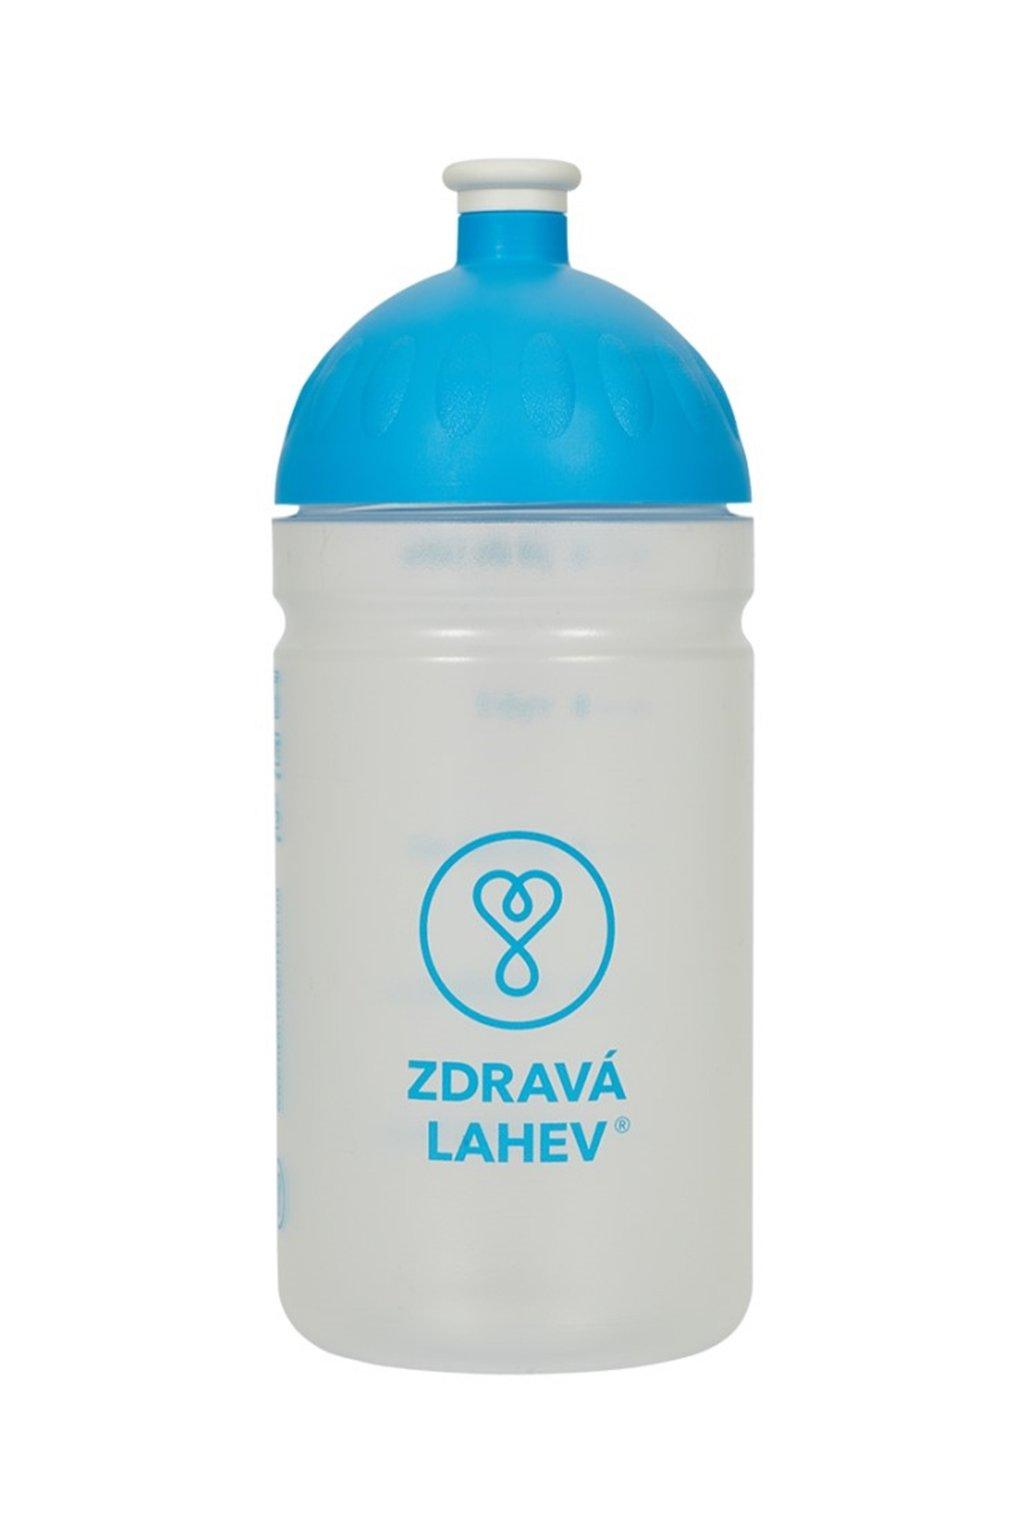 zdrava flasa s logom 2019 0 5l